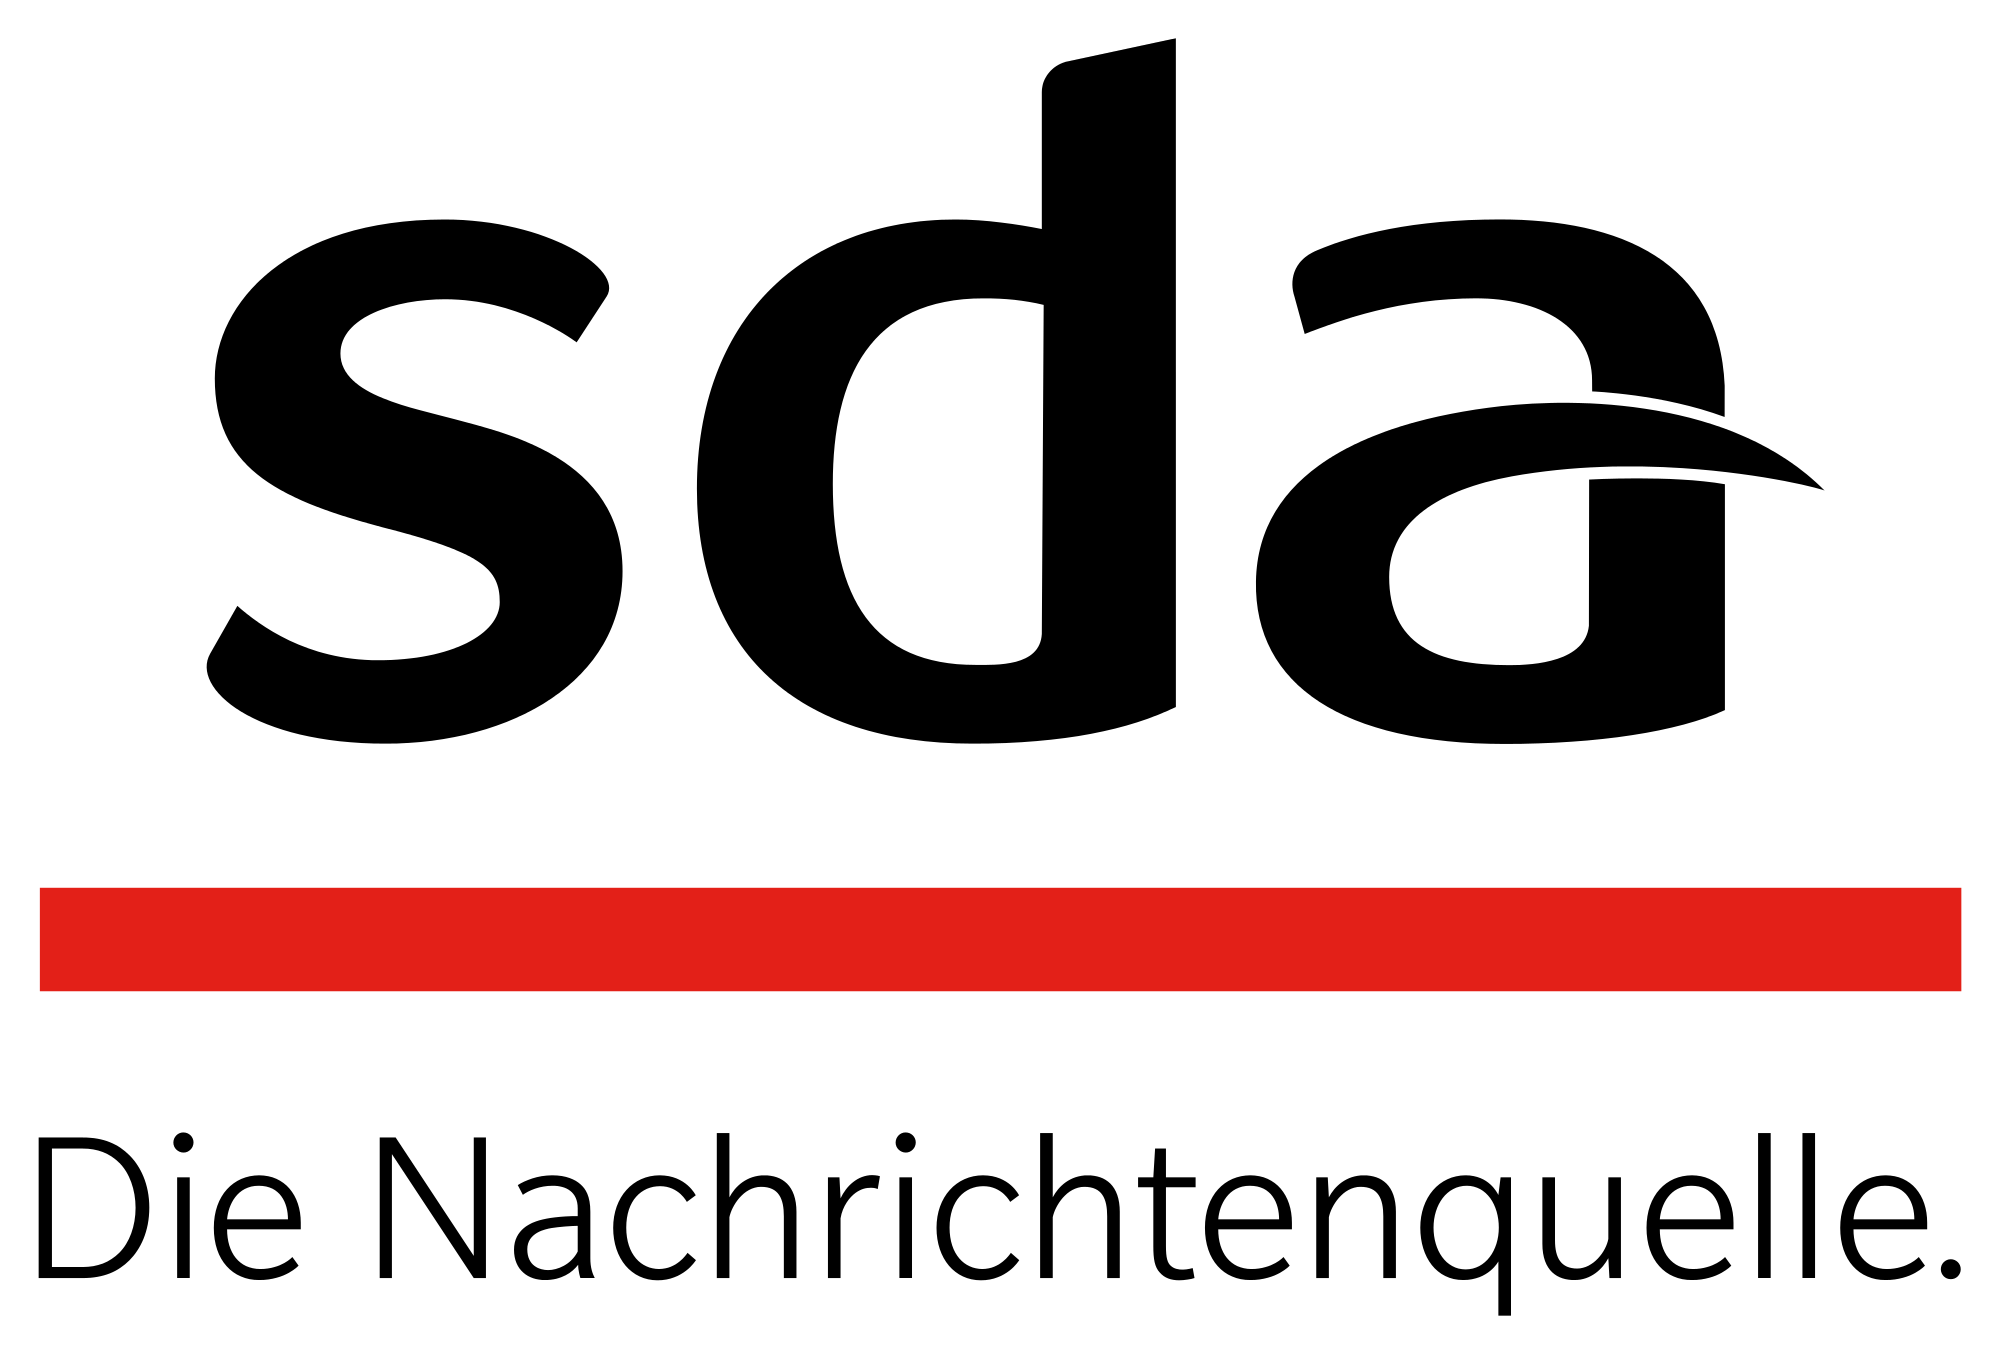 Schweizerische Depeschenagentur sda